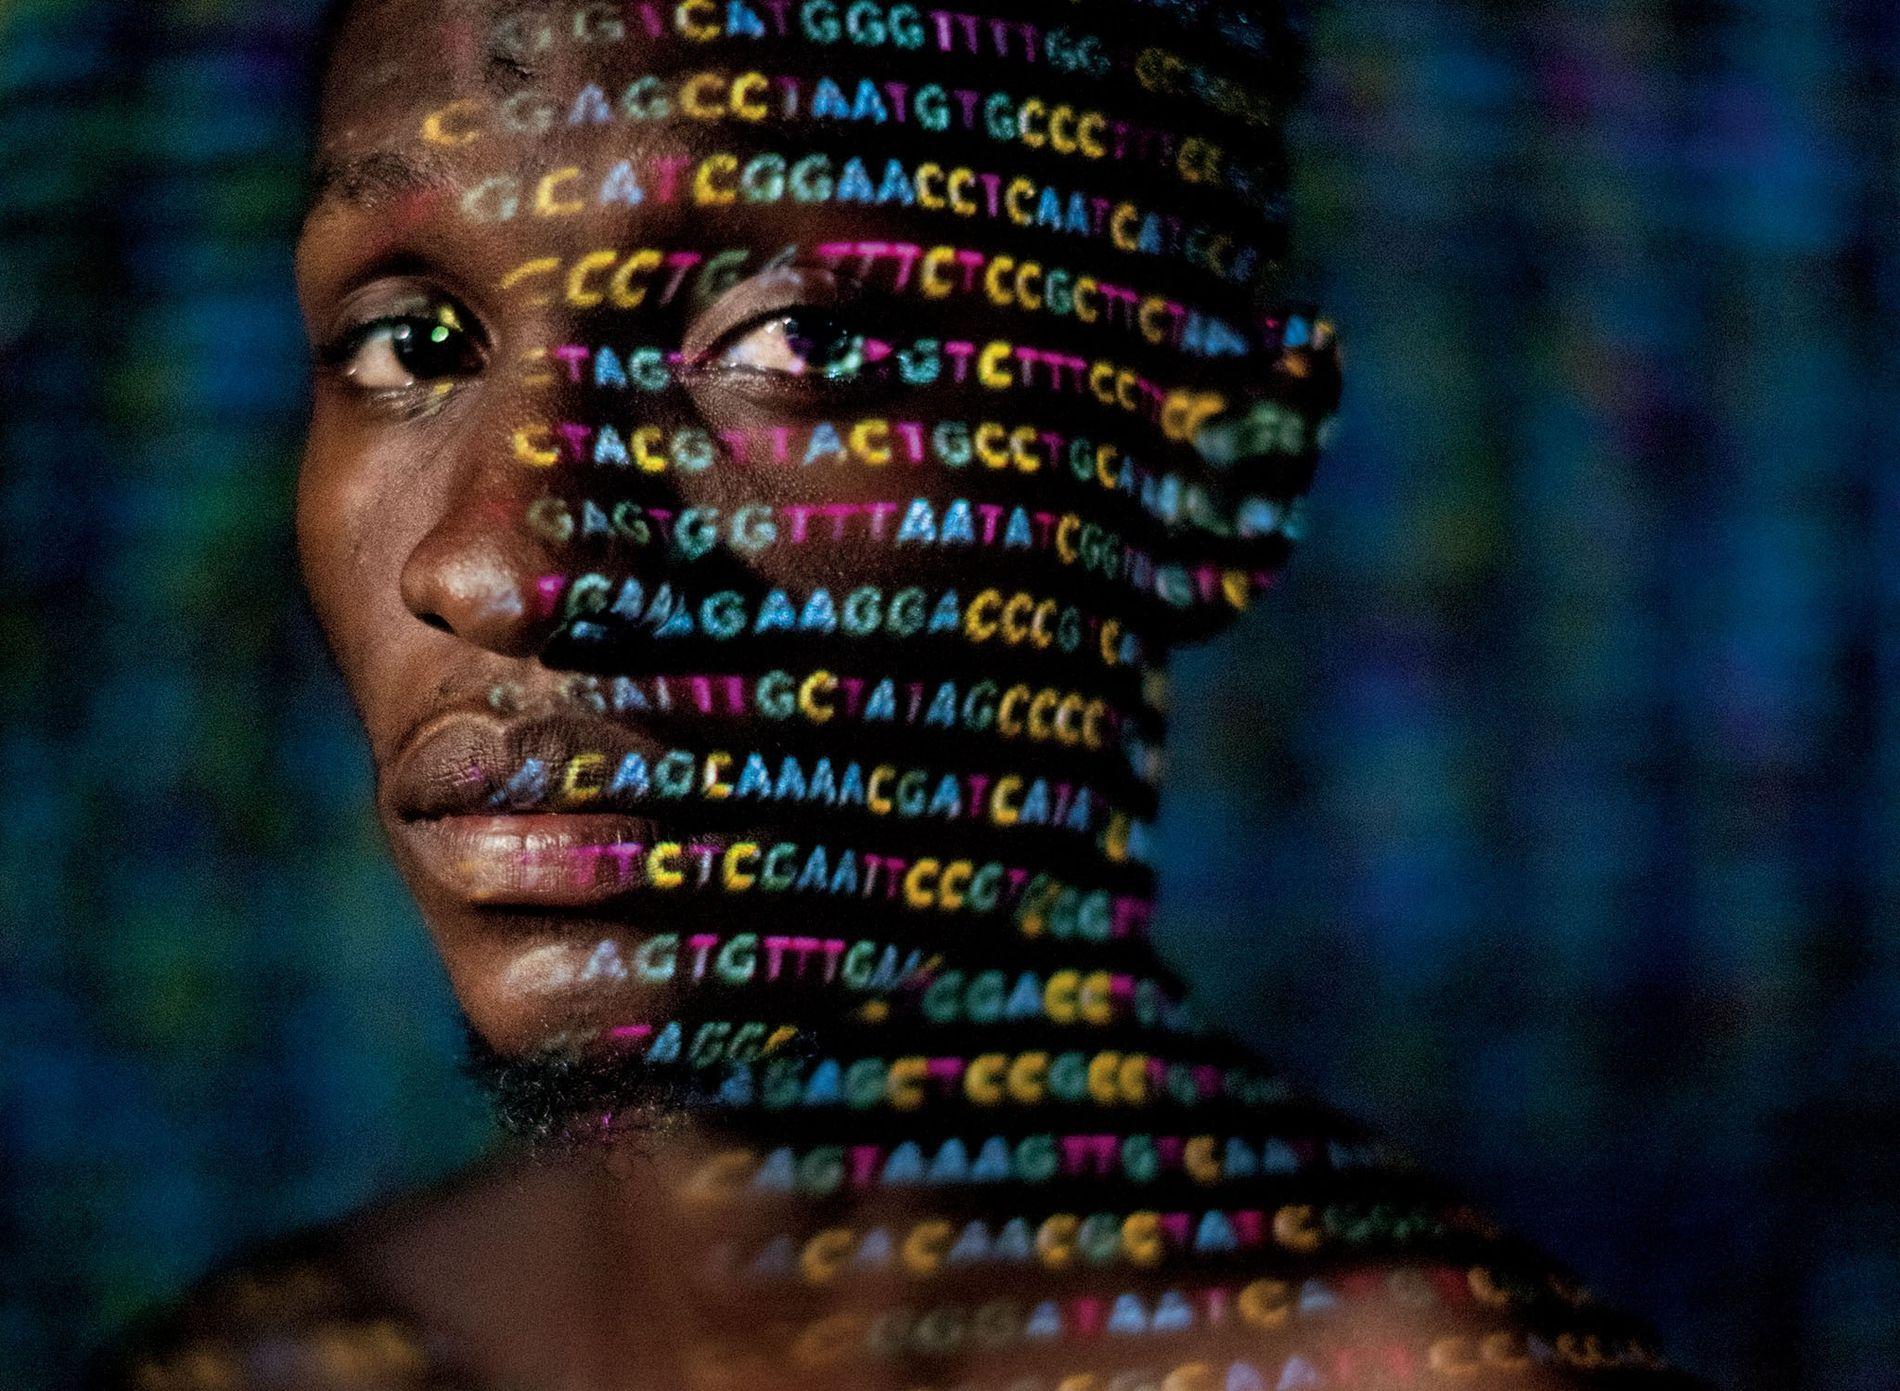 Não há base científica para raça – trata-se de um rótulo inventado